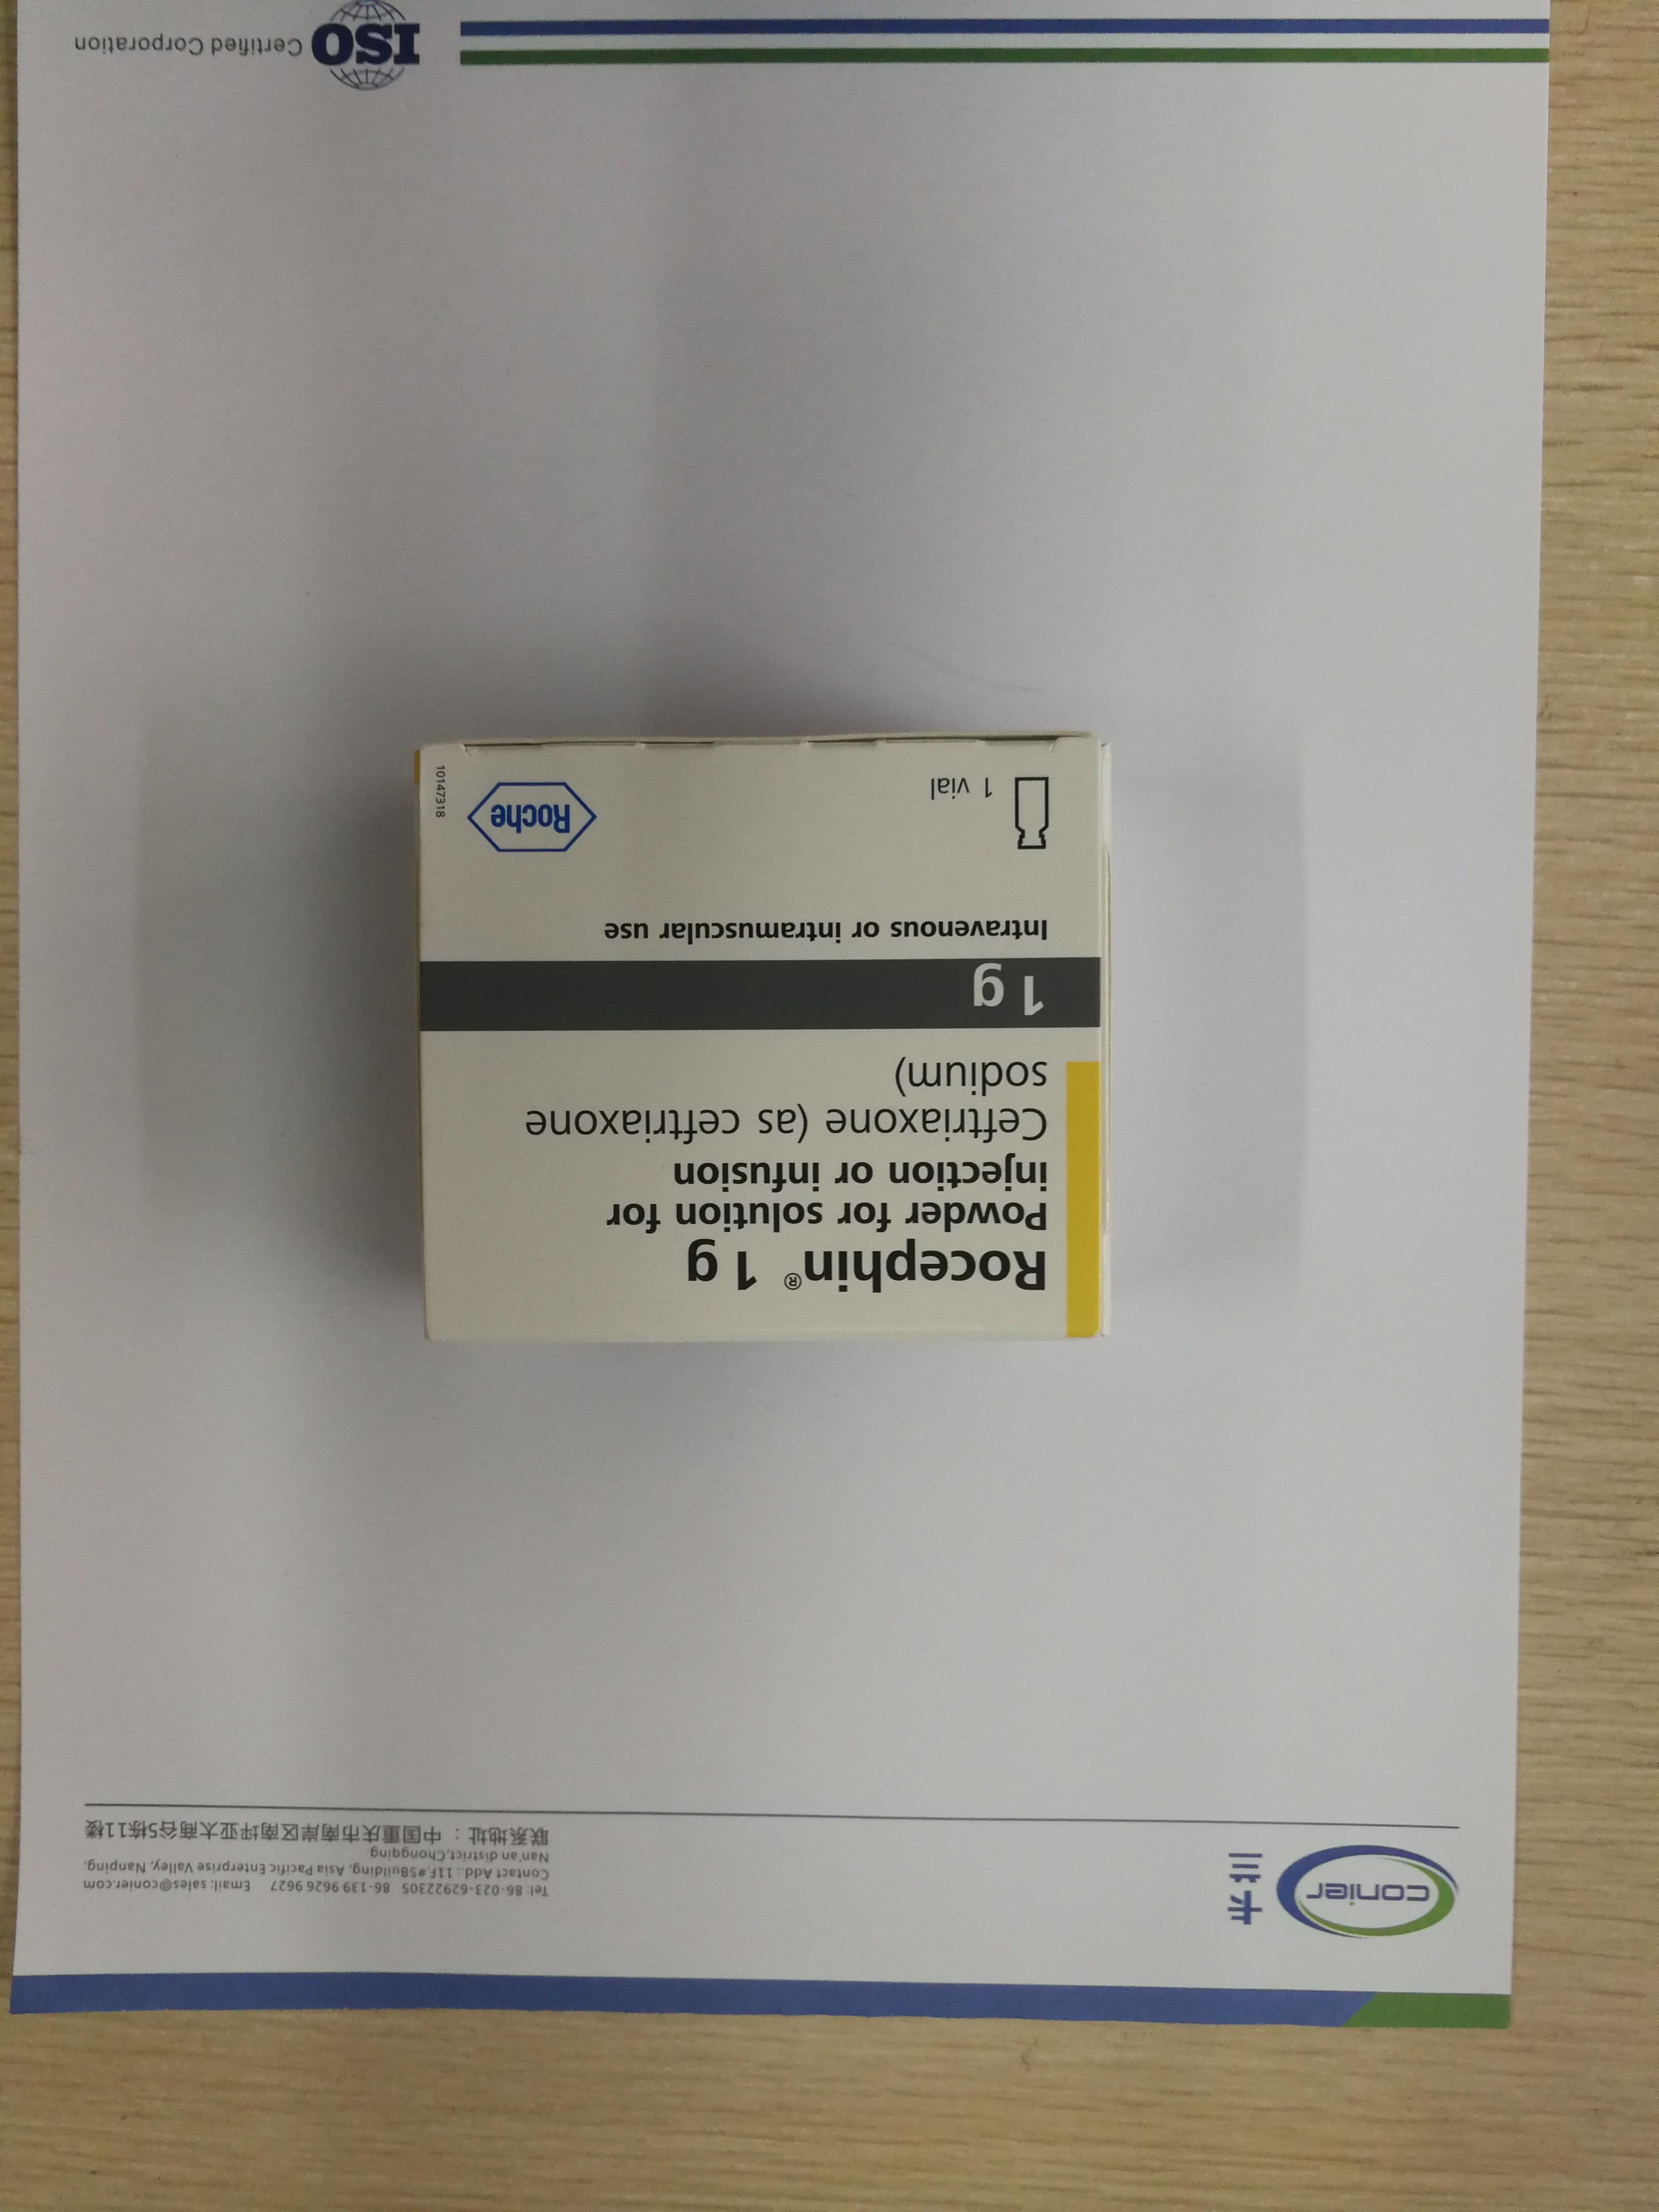 参比制剂 Rocephin注射用头孢曲松钠